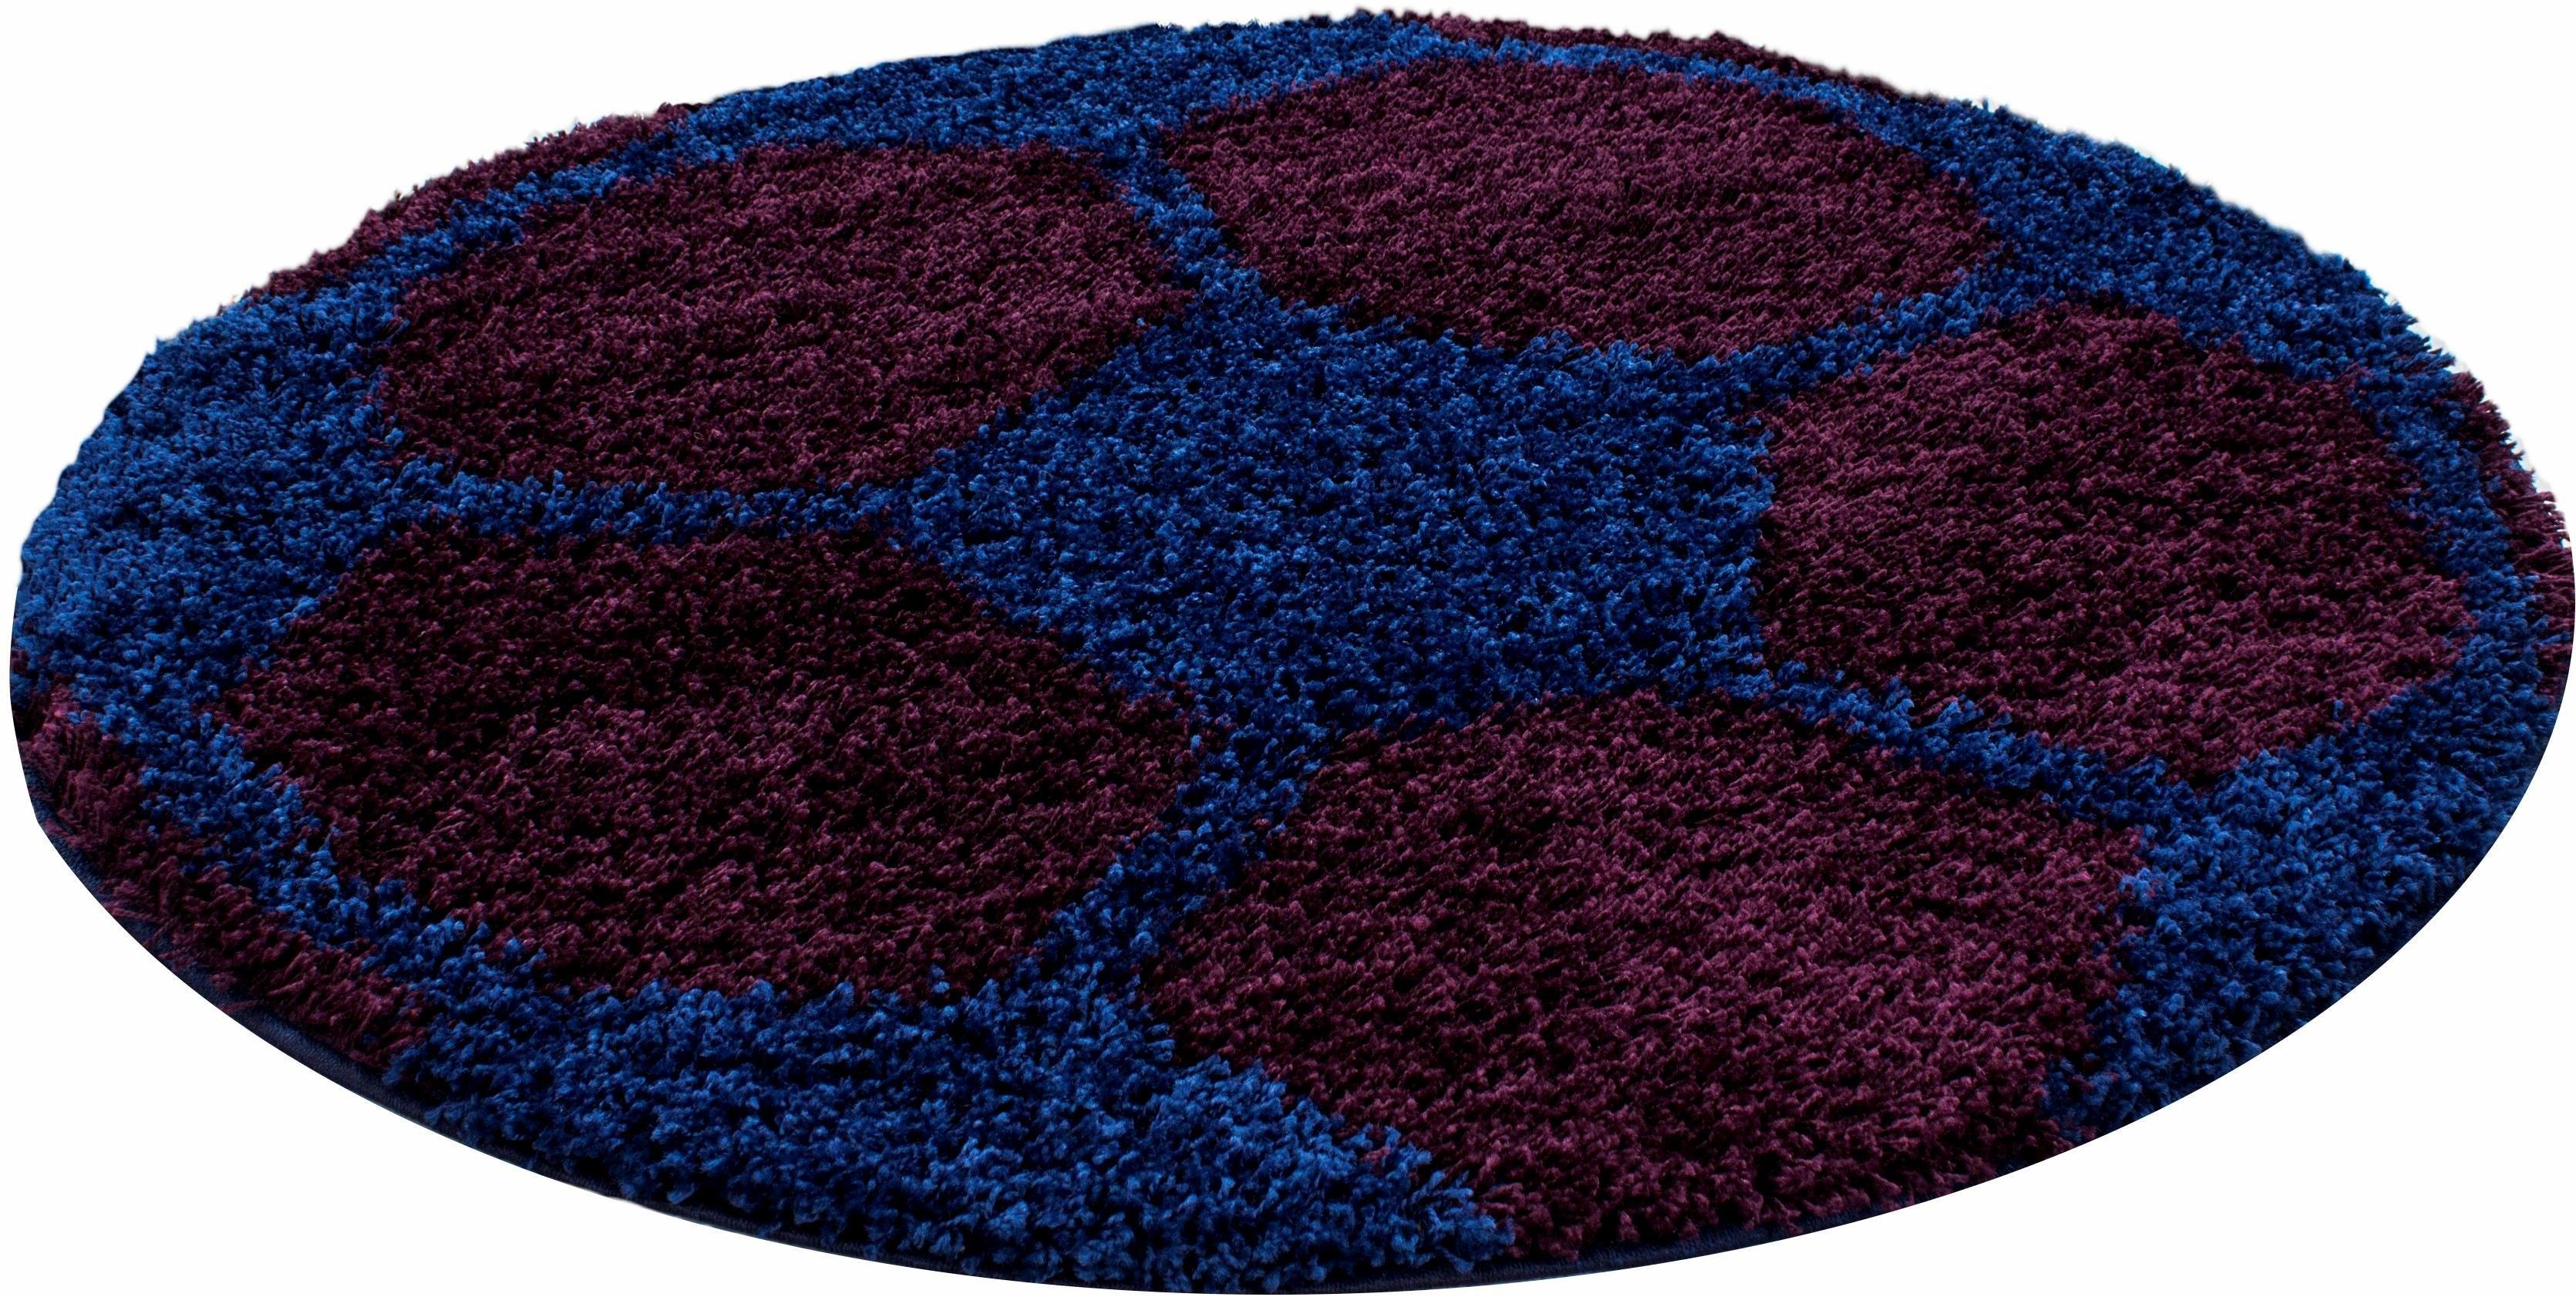 Vloerkleed Kinderkamer Rond : Vloerkleed voor de kinderkamer »fun 6001« ayyildiz teppiche rond